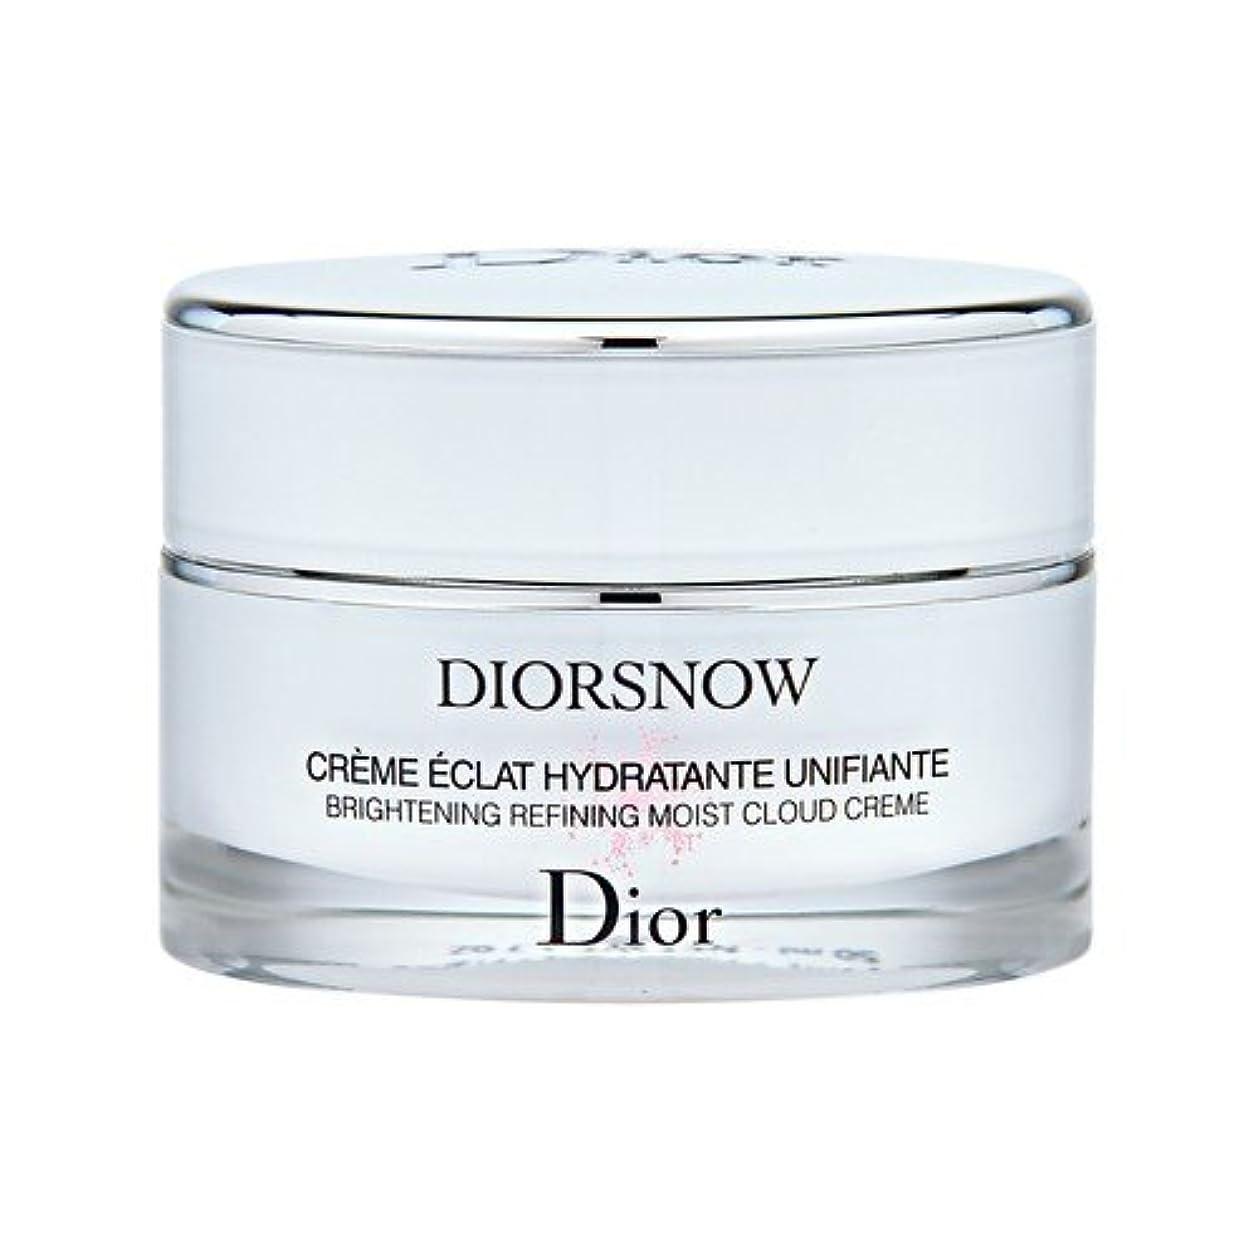 他の場所森林省略クリスチャン ディオール(Christian Dior) スノー ブライトニング モイスト クリーム 50ml[並行輸入品]